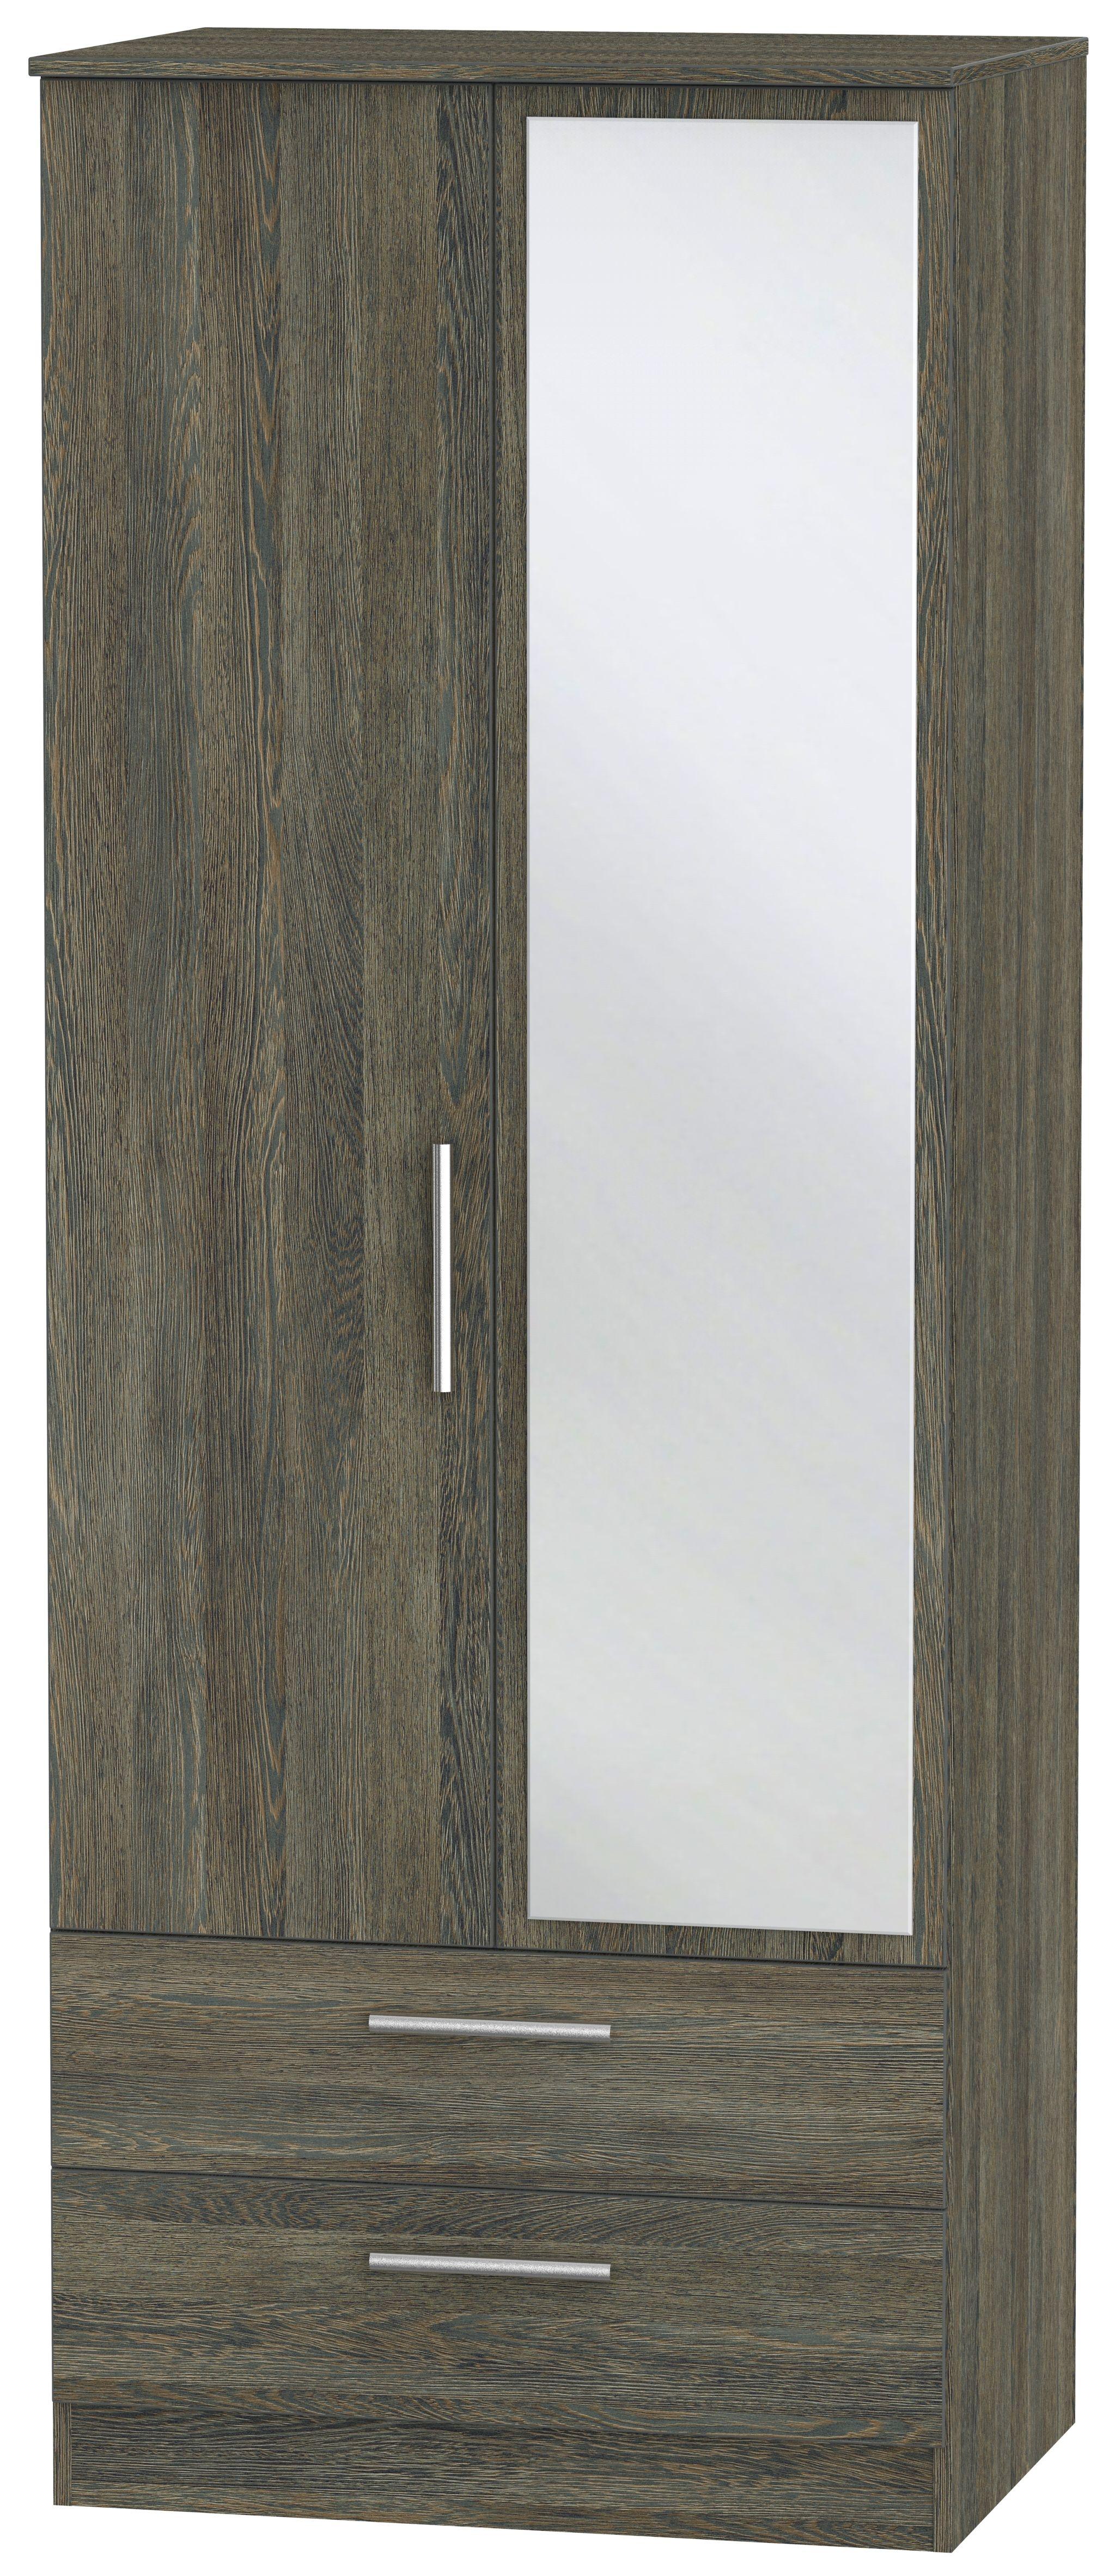 Contrast Panga 2 Door Combi Wardrobe